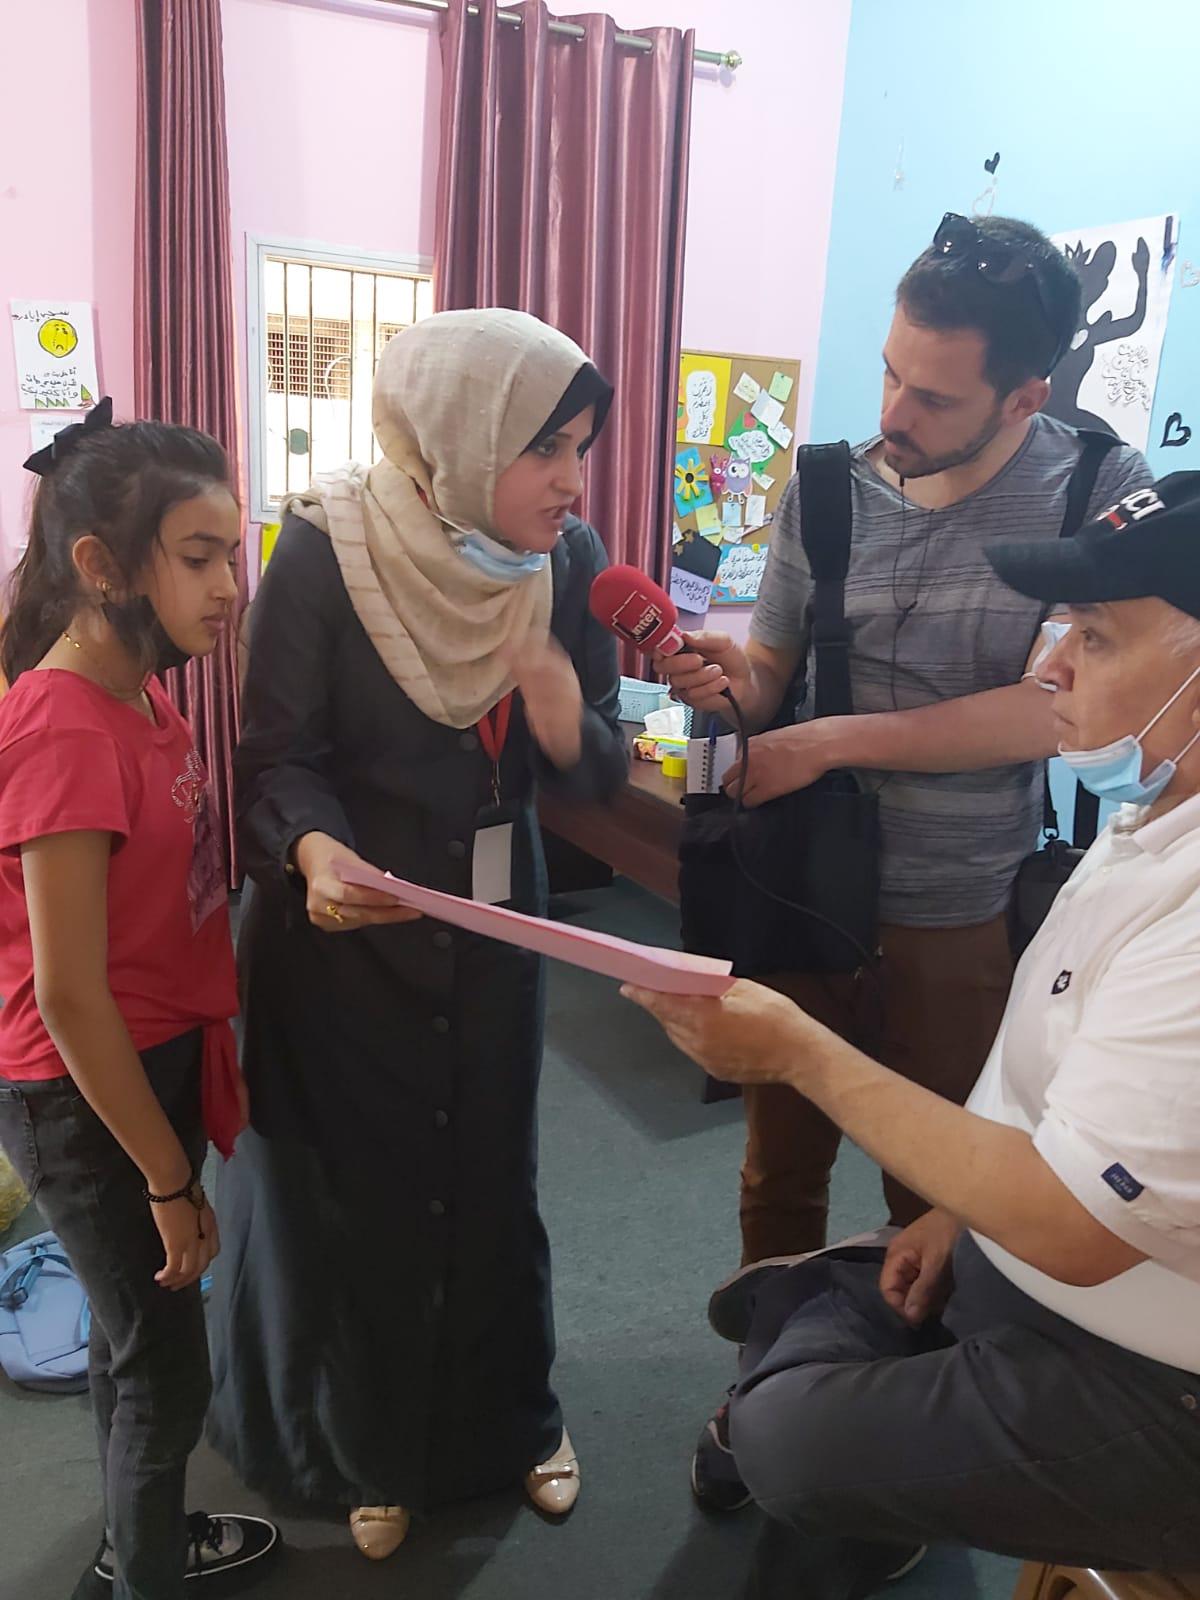 جانب من تقرير صحفي أعده الراديو الفرنسي مع الأخصائيات النفسيات في اتحاد لجان المرأة الفلسطينية حول التقنيات التي يتم استخدامها للتعامل مع الأطفال بعد العدوان